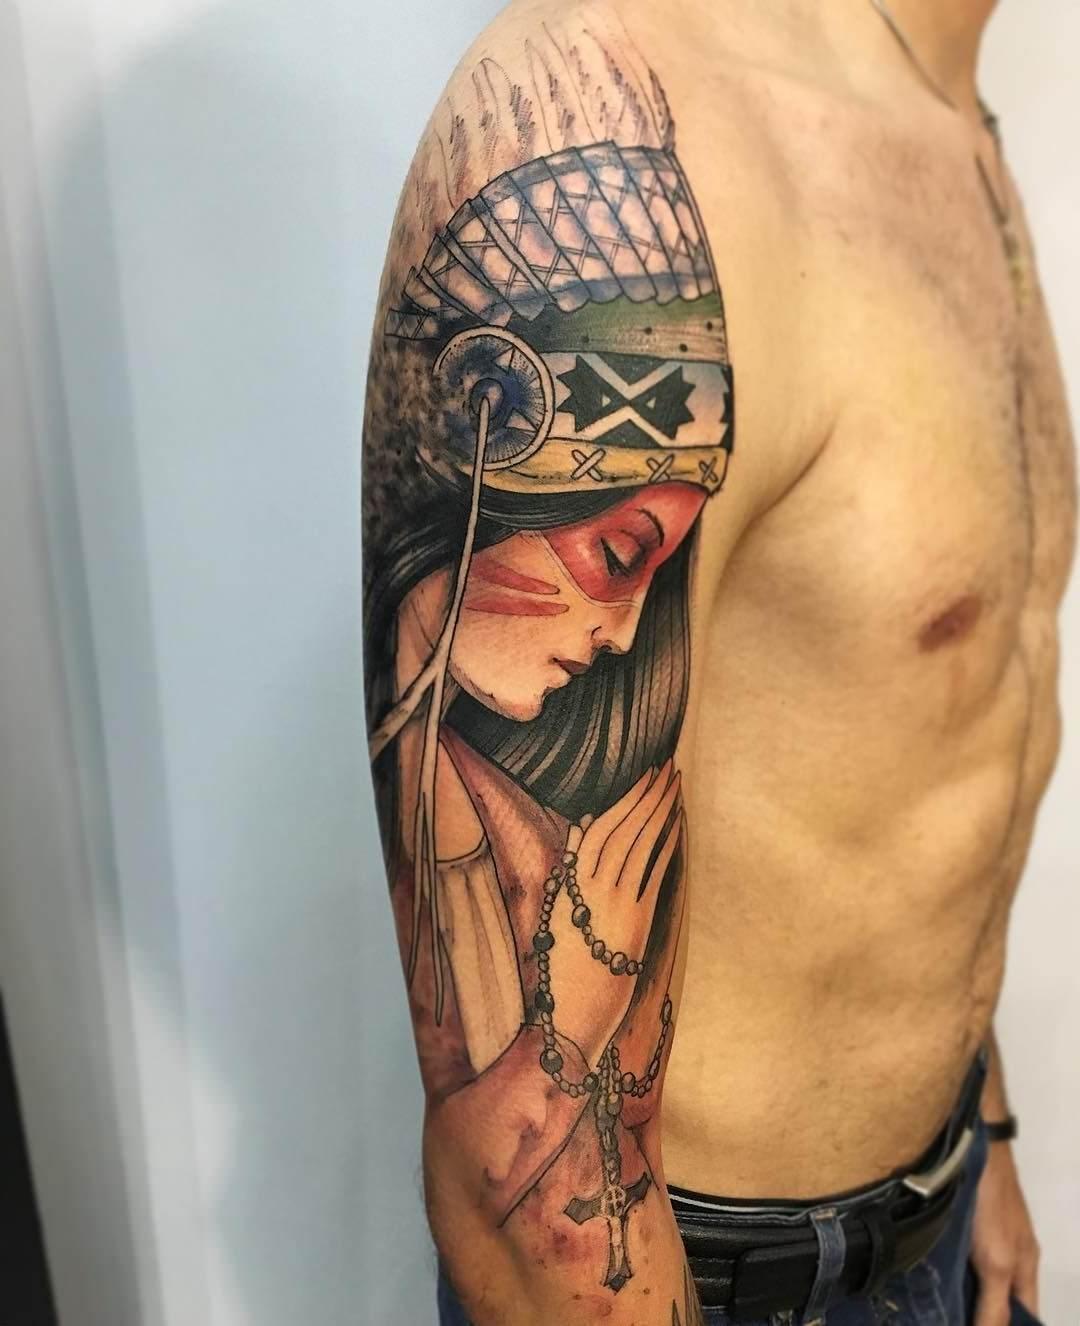 Tatoo de uma índia catequizada no braço